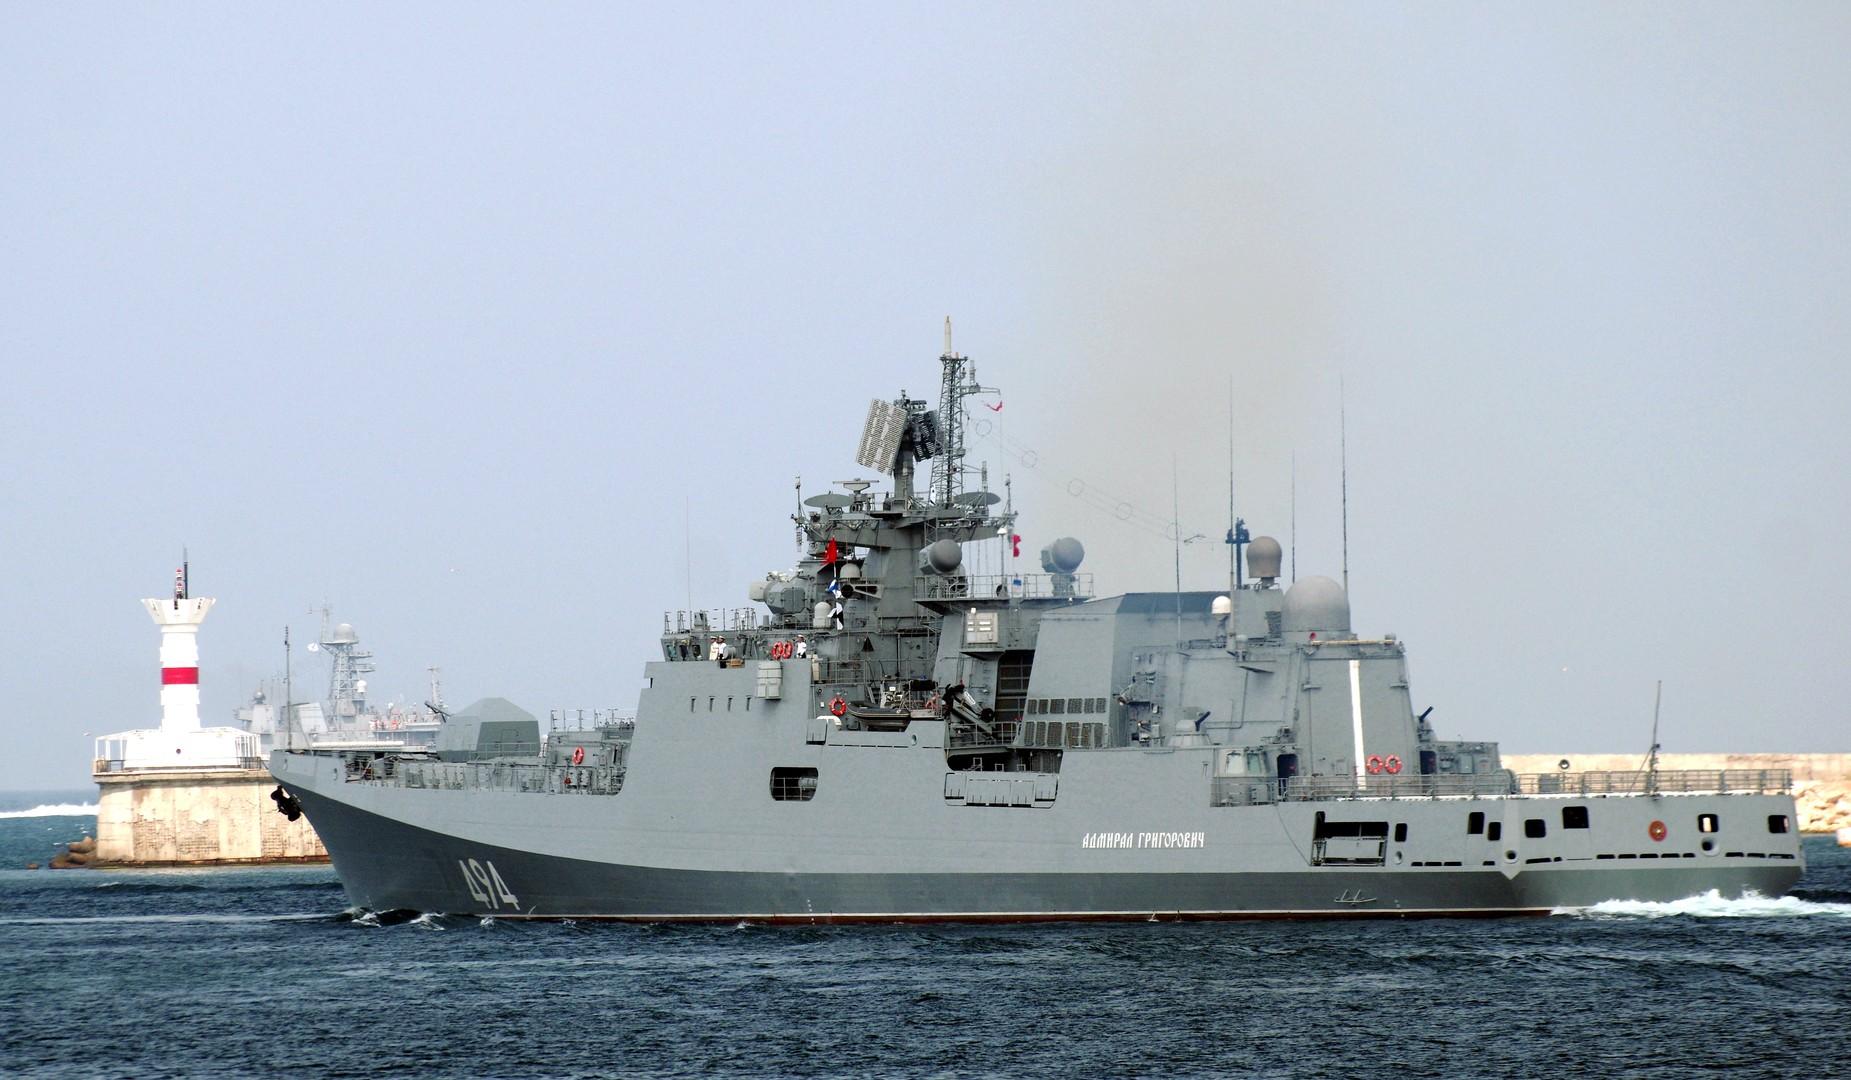 Сторожевой корабль «Адмирал Григорович» во время генеральной репетиции военно-морского парада, посвящённого Дню Военно-морского флота России